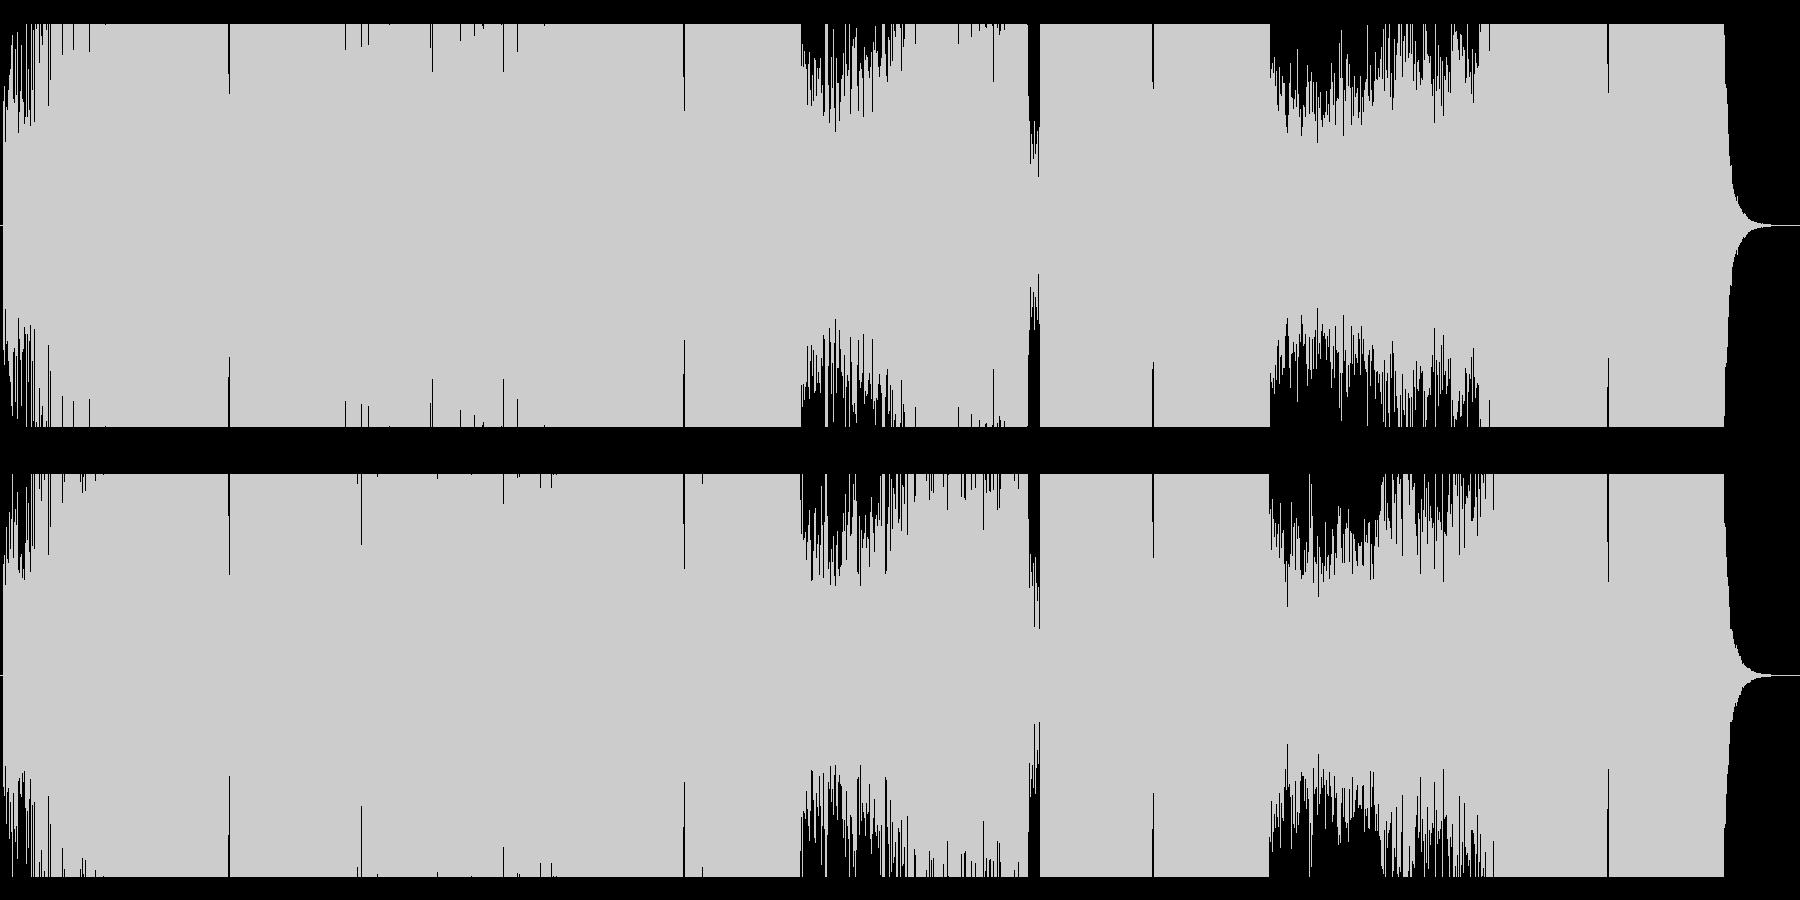 現代的で開放感のあるドラムンベースの未再生の波形